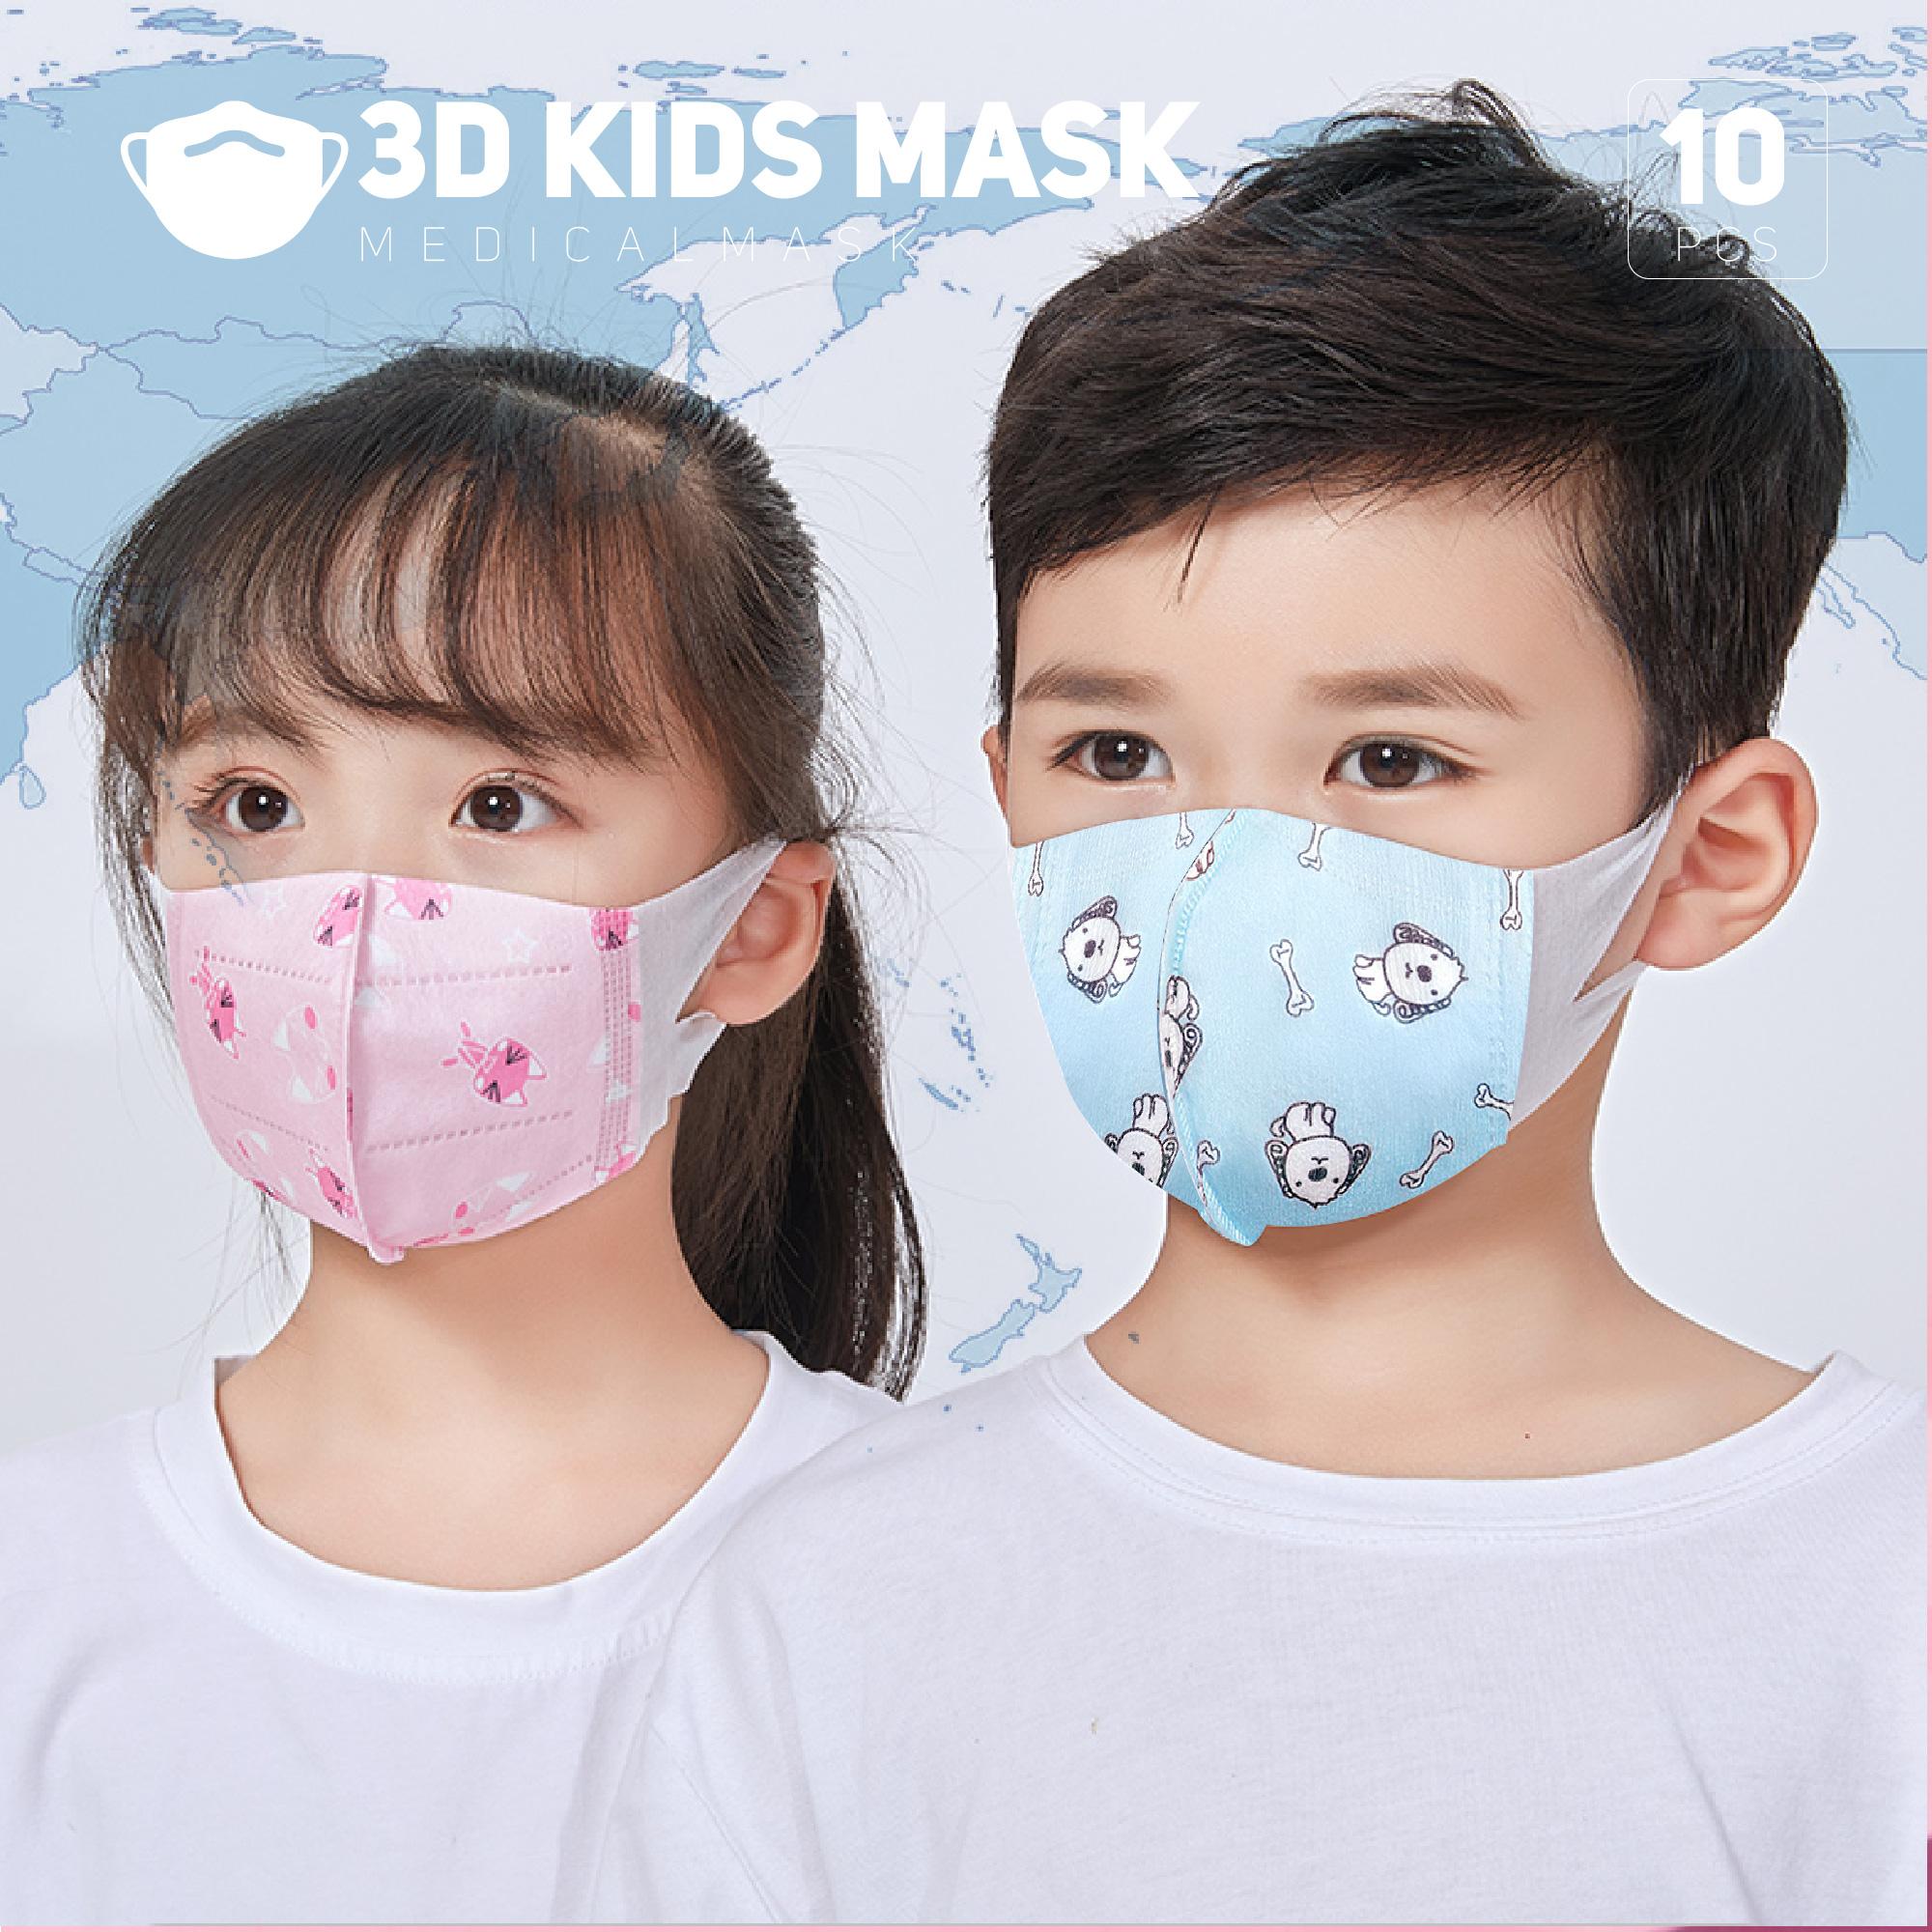 Combo 25 Khẩu trang trẻ em Shelton 3D Kids Mask (Trộn Màu),Khẩu trang 4 lớp trẻ em,Khẩu trang cho bé,Khẩu trang bé trai,Khẩu trang bé gái,Khẩu trang baby,Khẩu trang 3d em bé,khẩu trang trẻ em cao cấp,khẩu trang đáng yêu,Khẩu trang kids